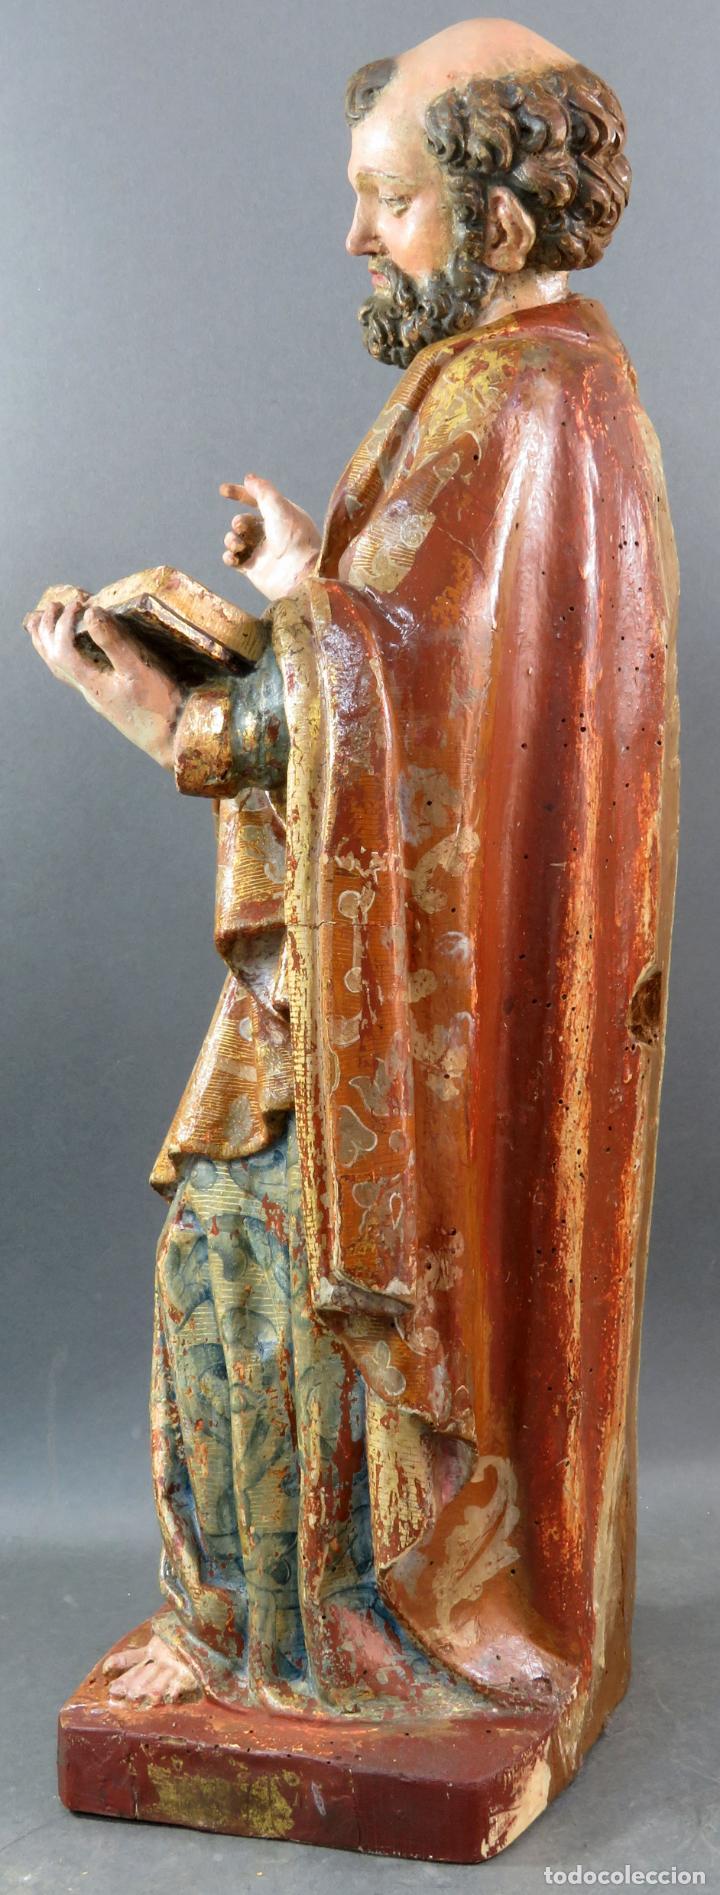 Arte: Talla San Pedro en madera estofada dorada y policromada seguidor de Gregorio Fernandez siglo XVI - Foto 10 - 159655938